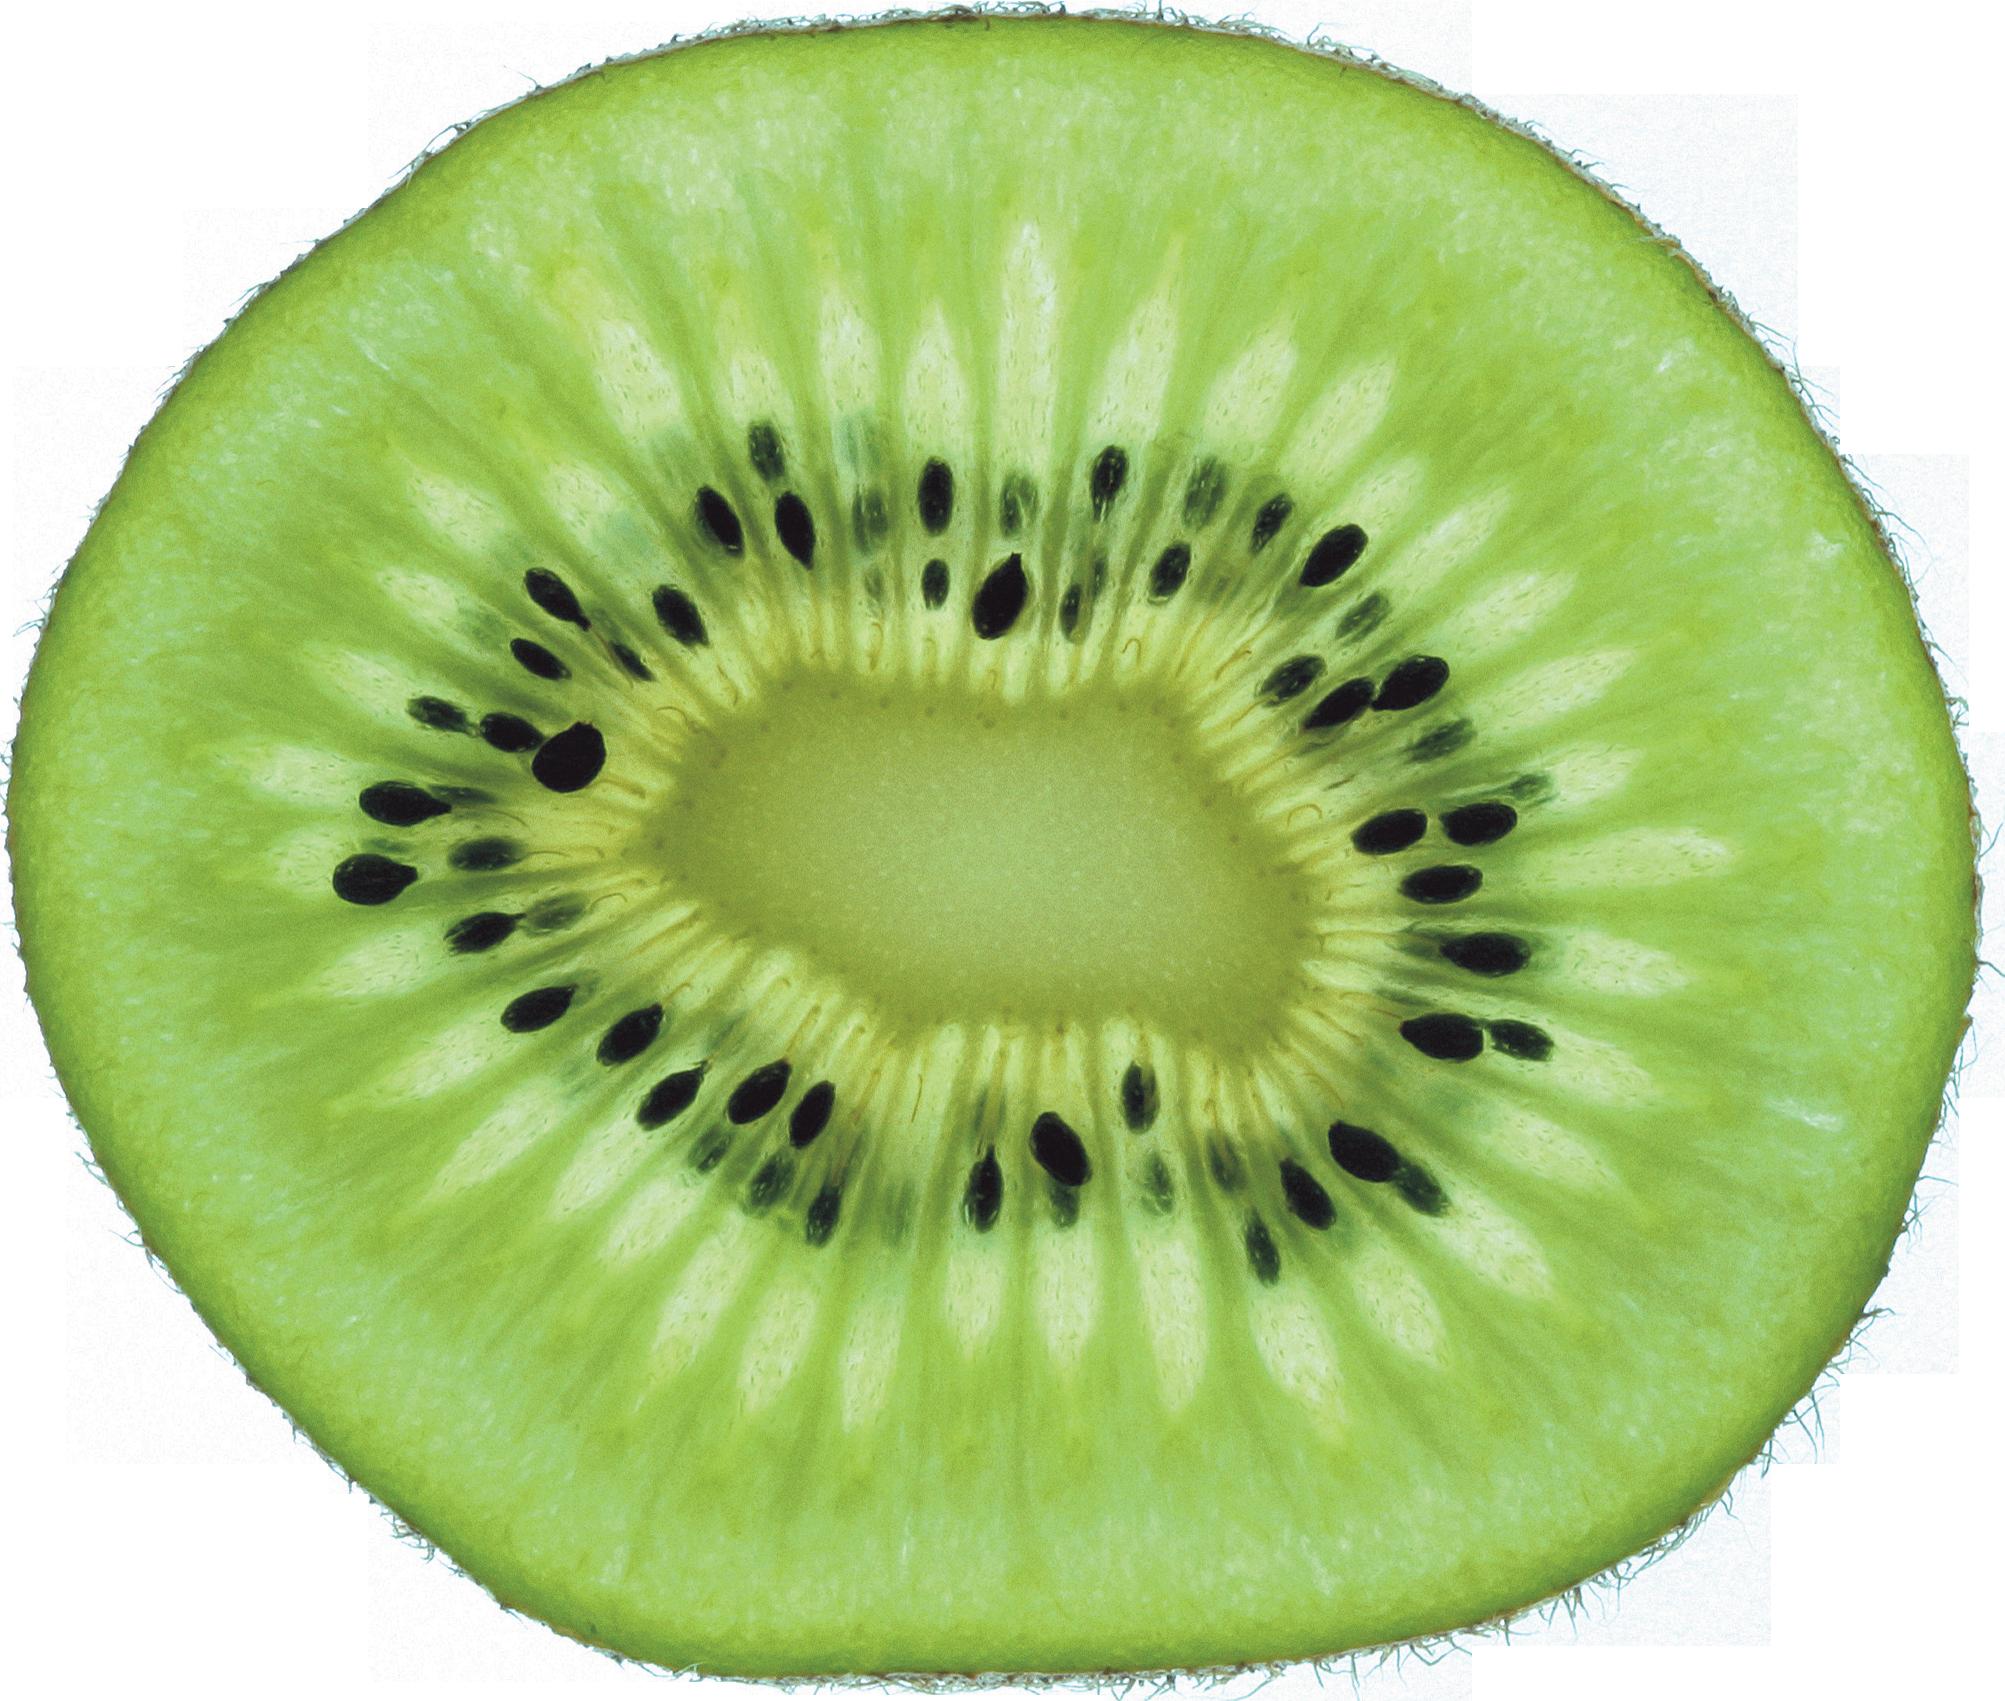 Kiwi Slice PNG - 44560